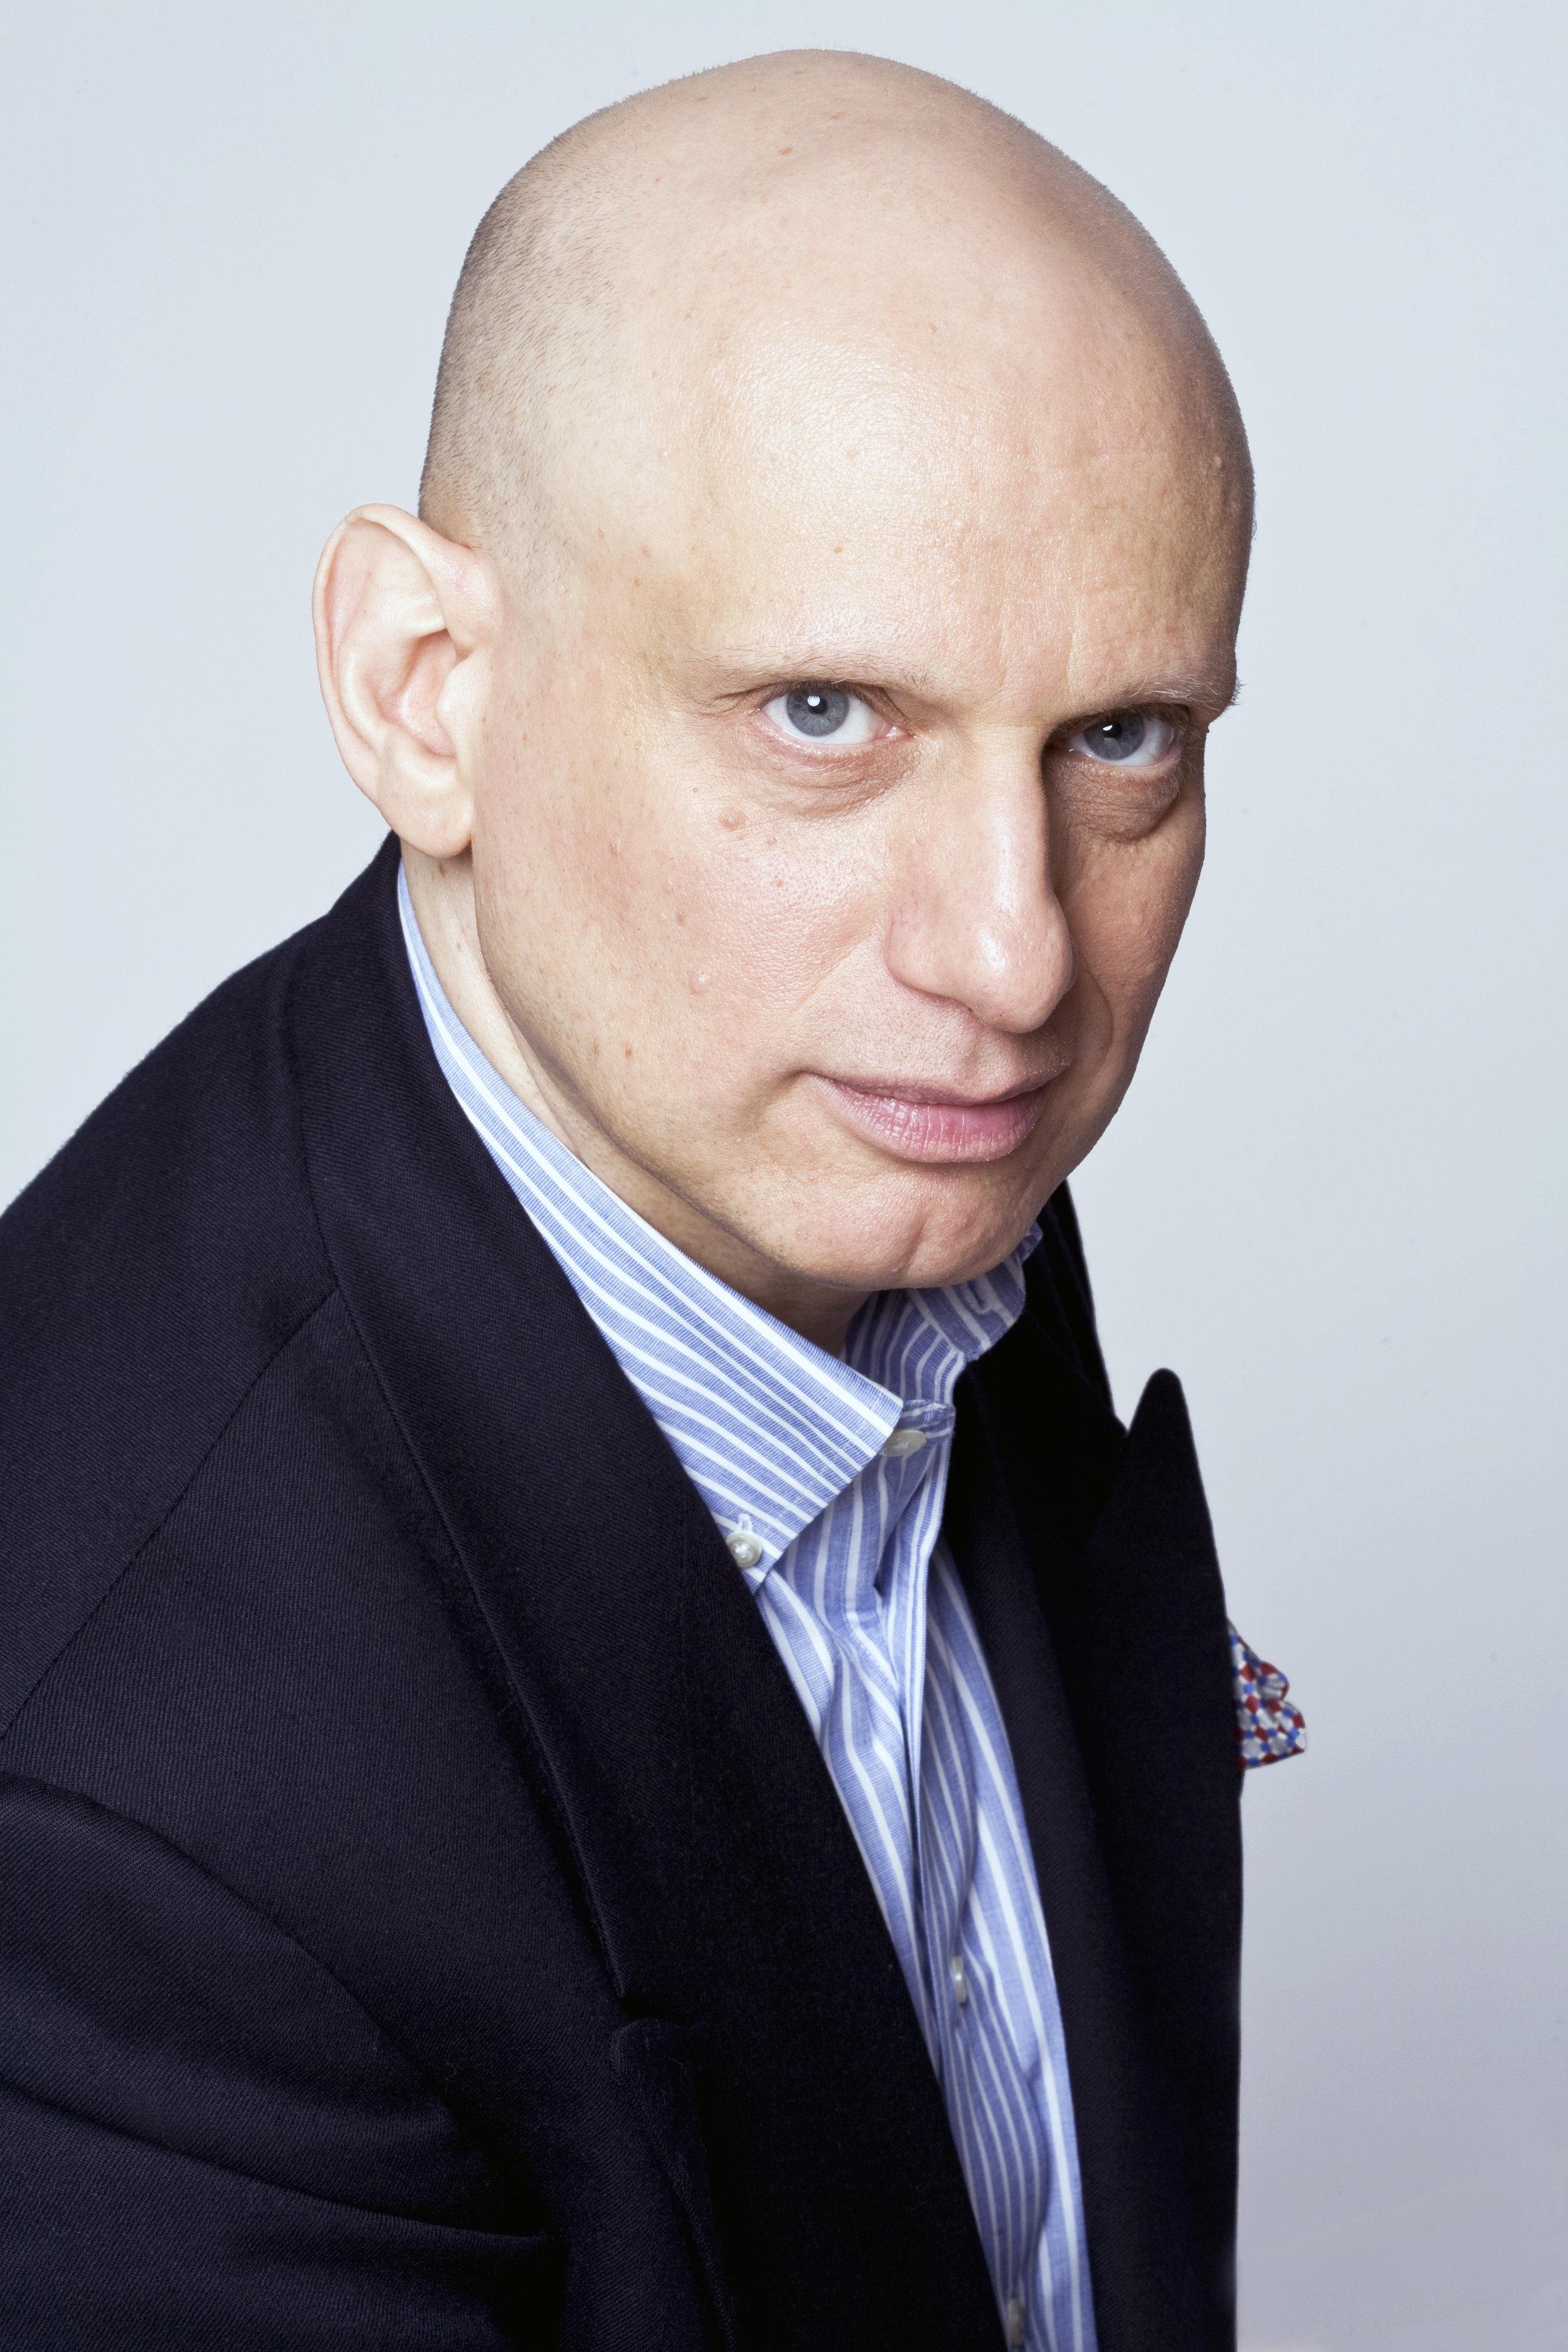 Adam Serious Headshot.jpg